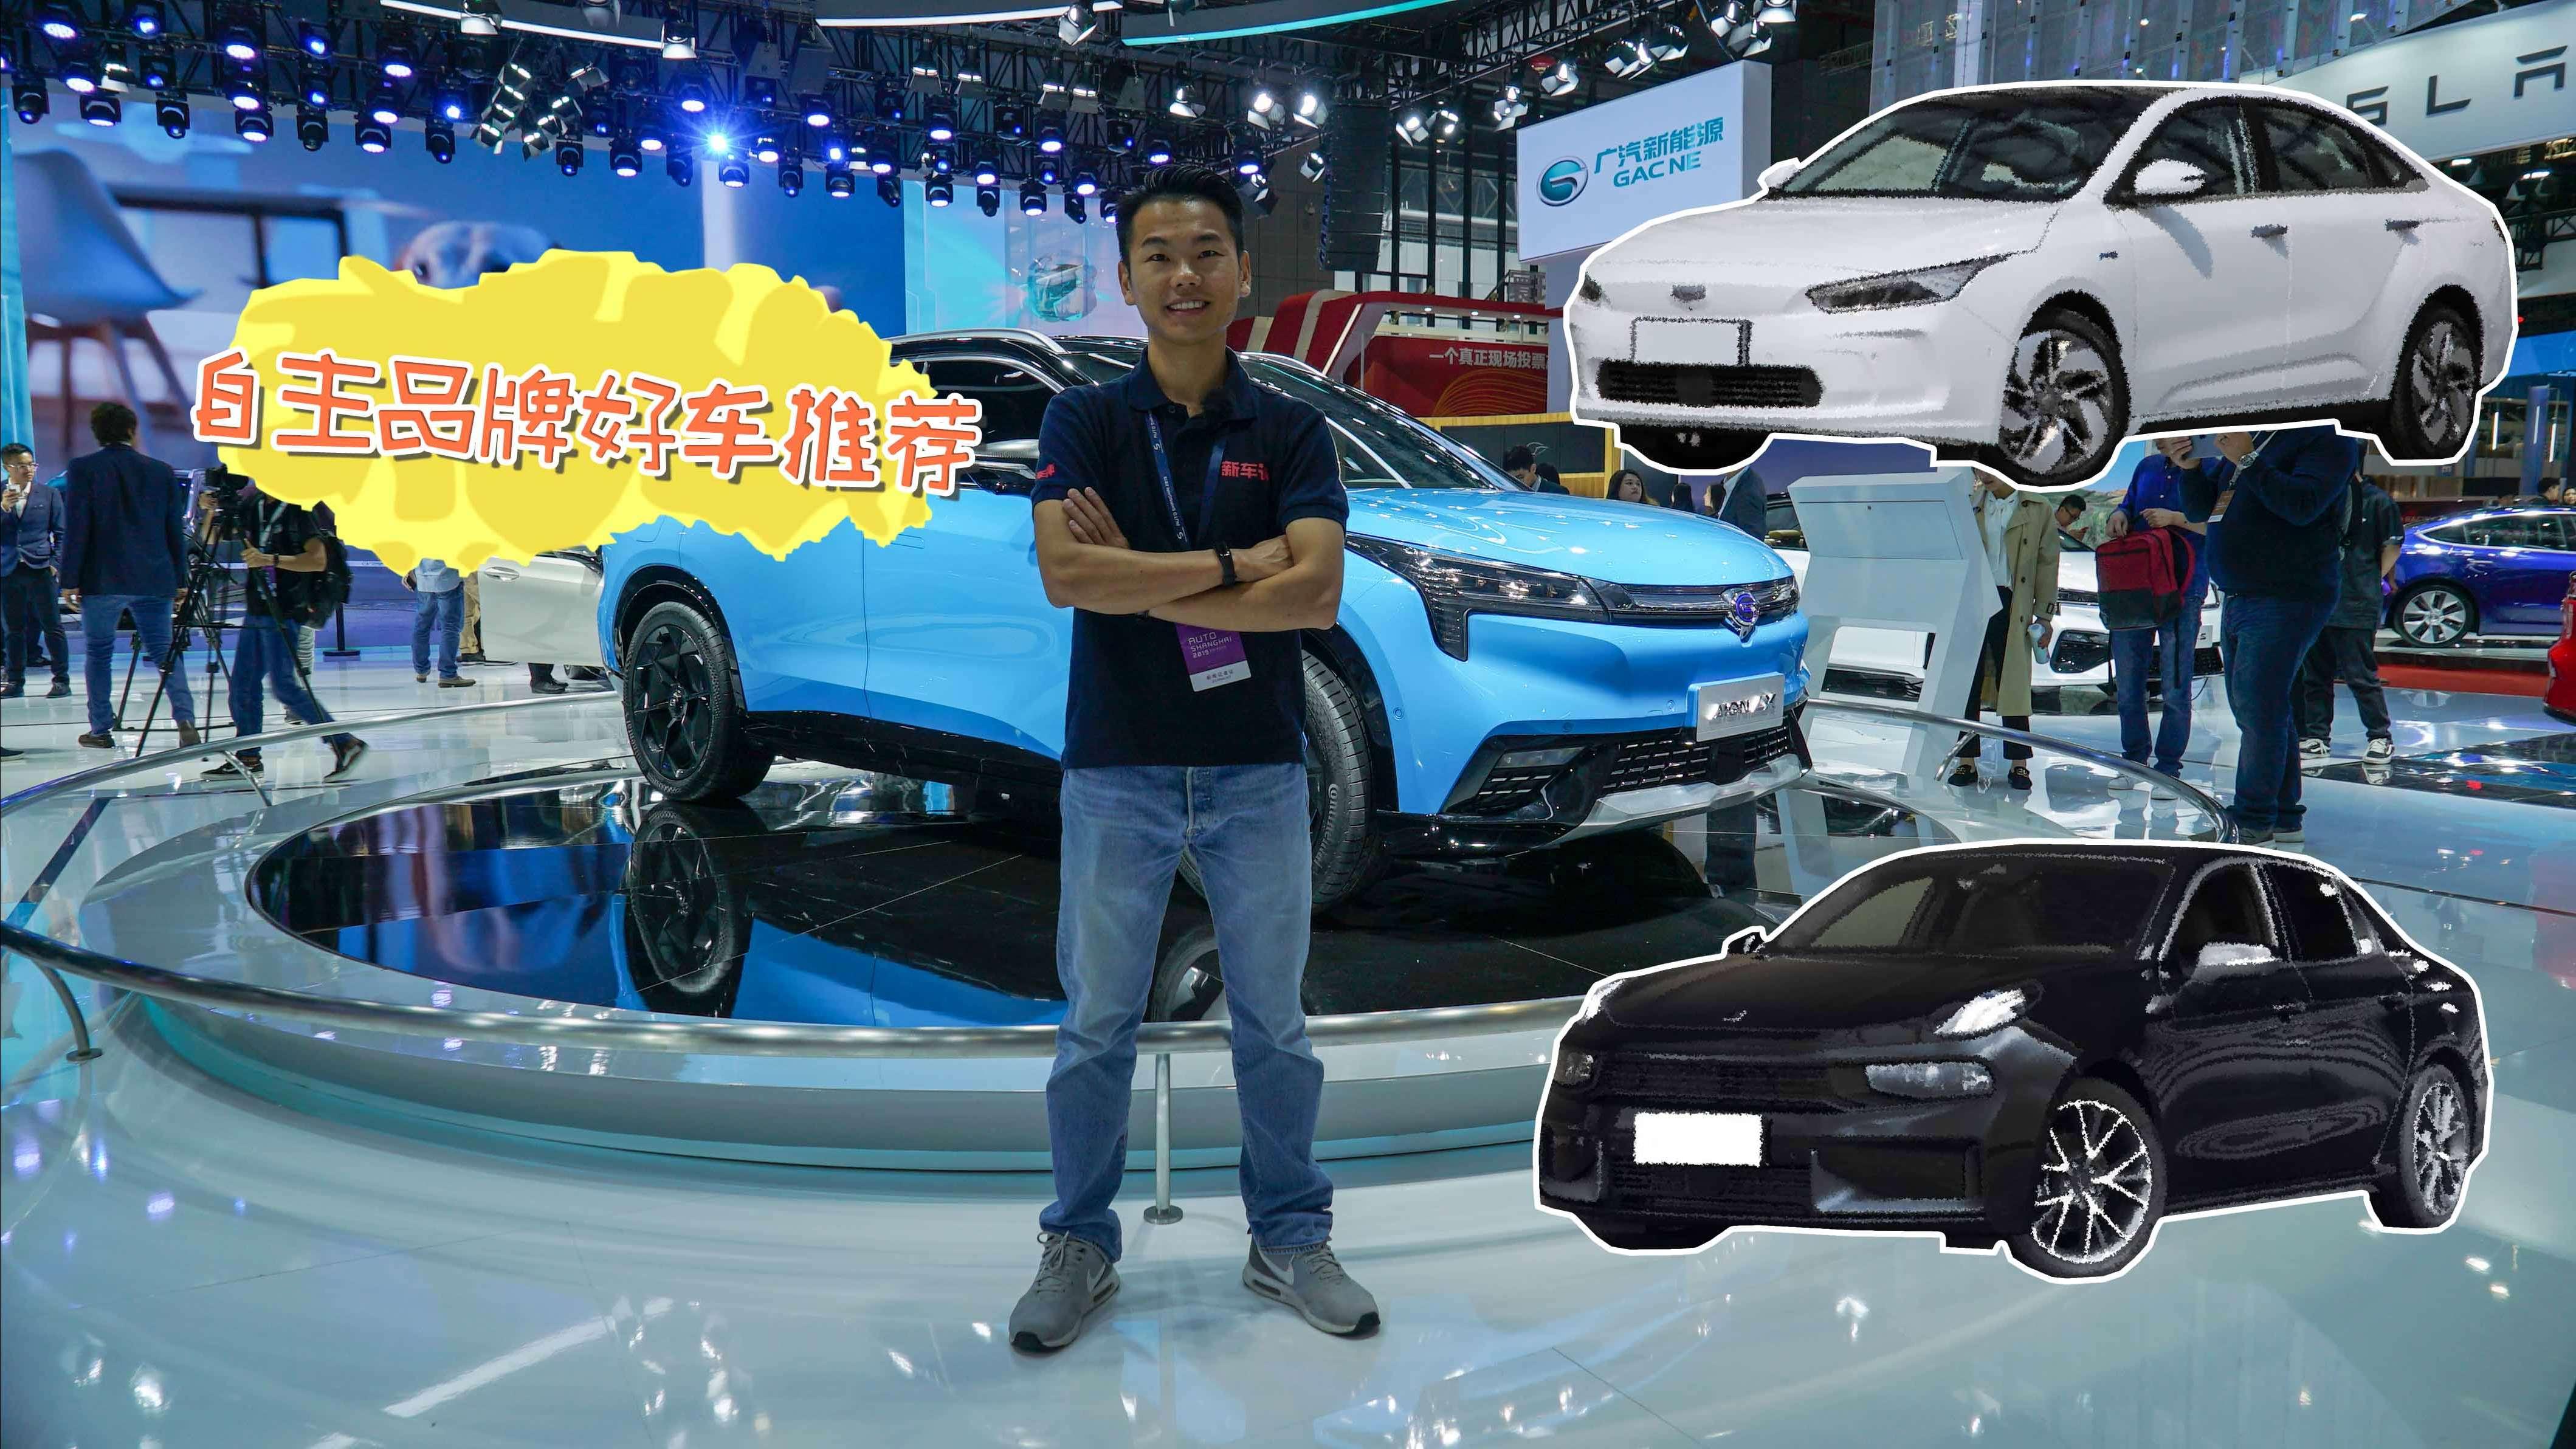 2019上海车展自主品牌好车推荐:电动车占据半壁